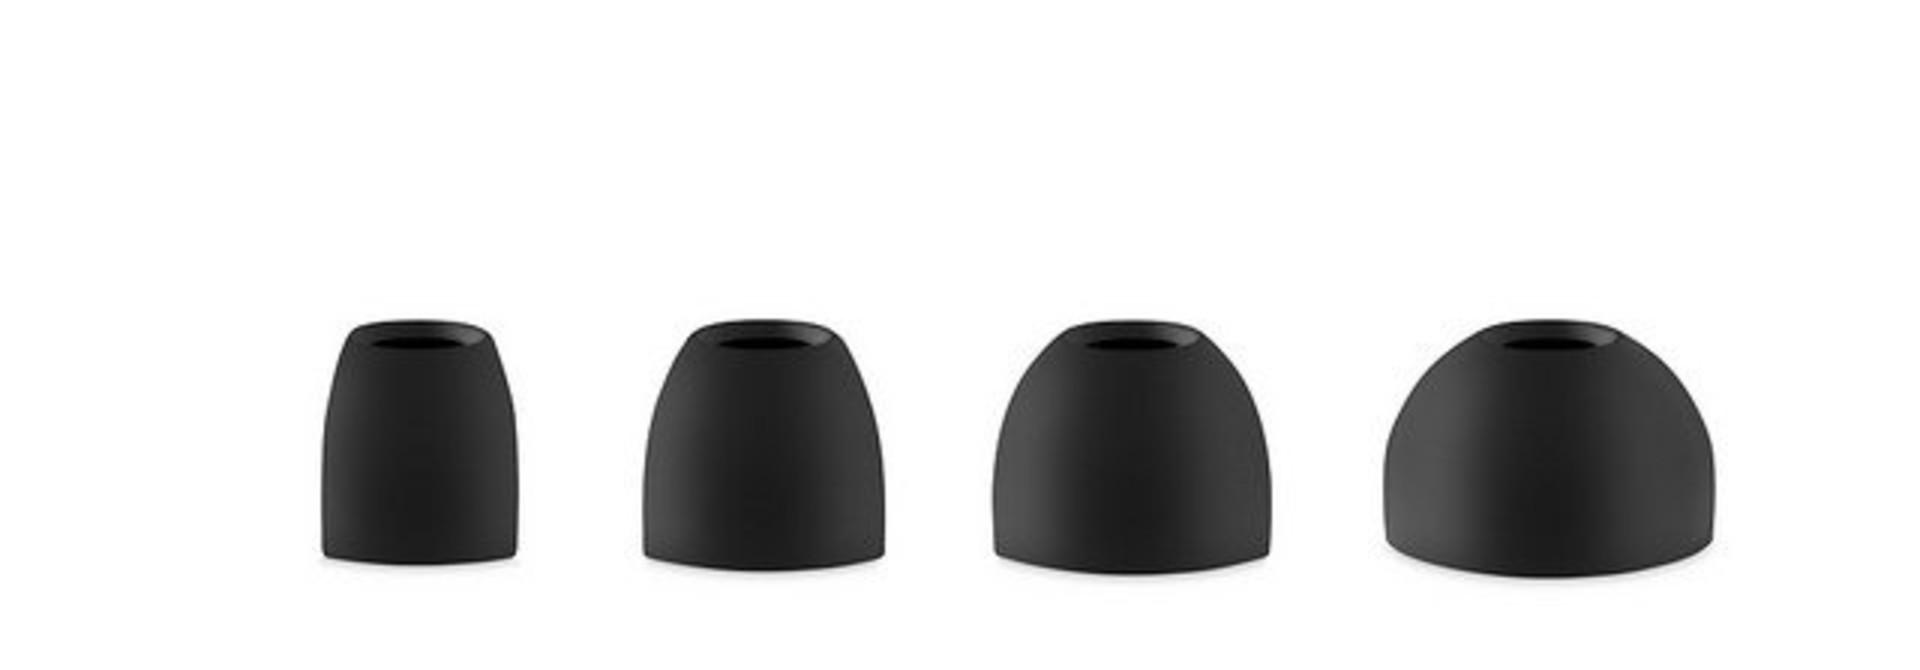 Siliconen eartips